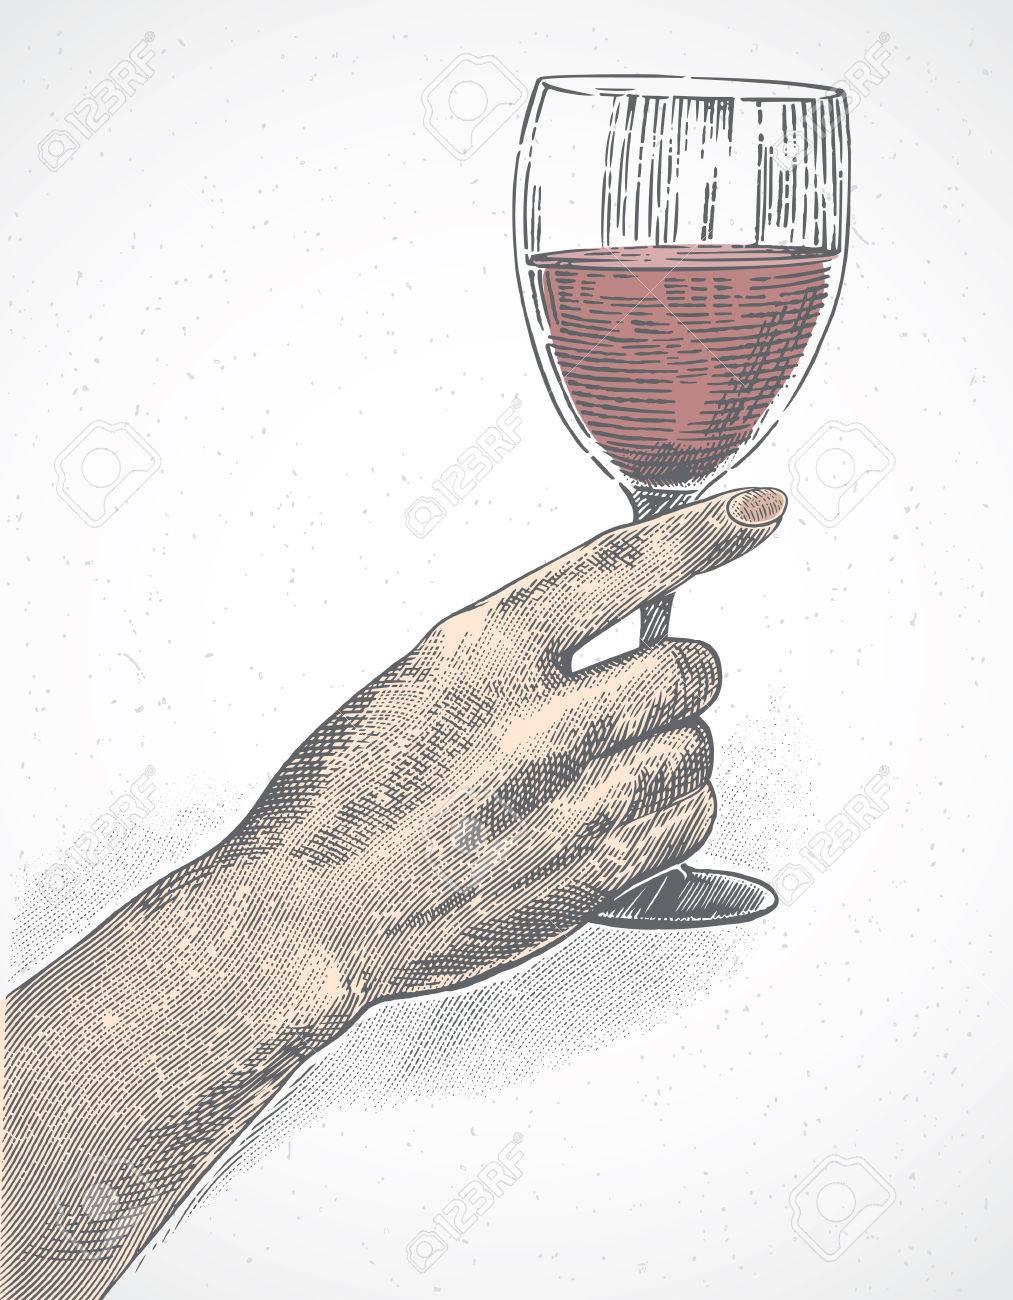 La main féminine tient un verre de vin, l'illustration est faite dans le style de la gravure.